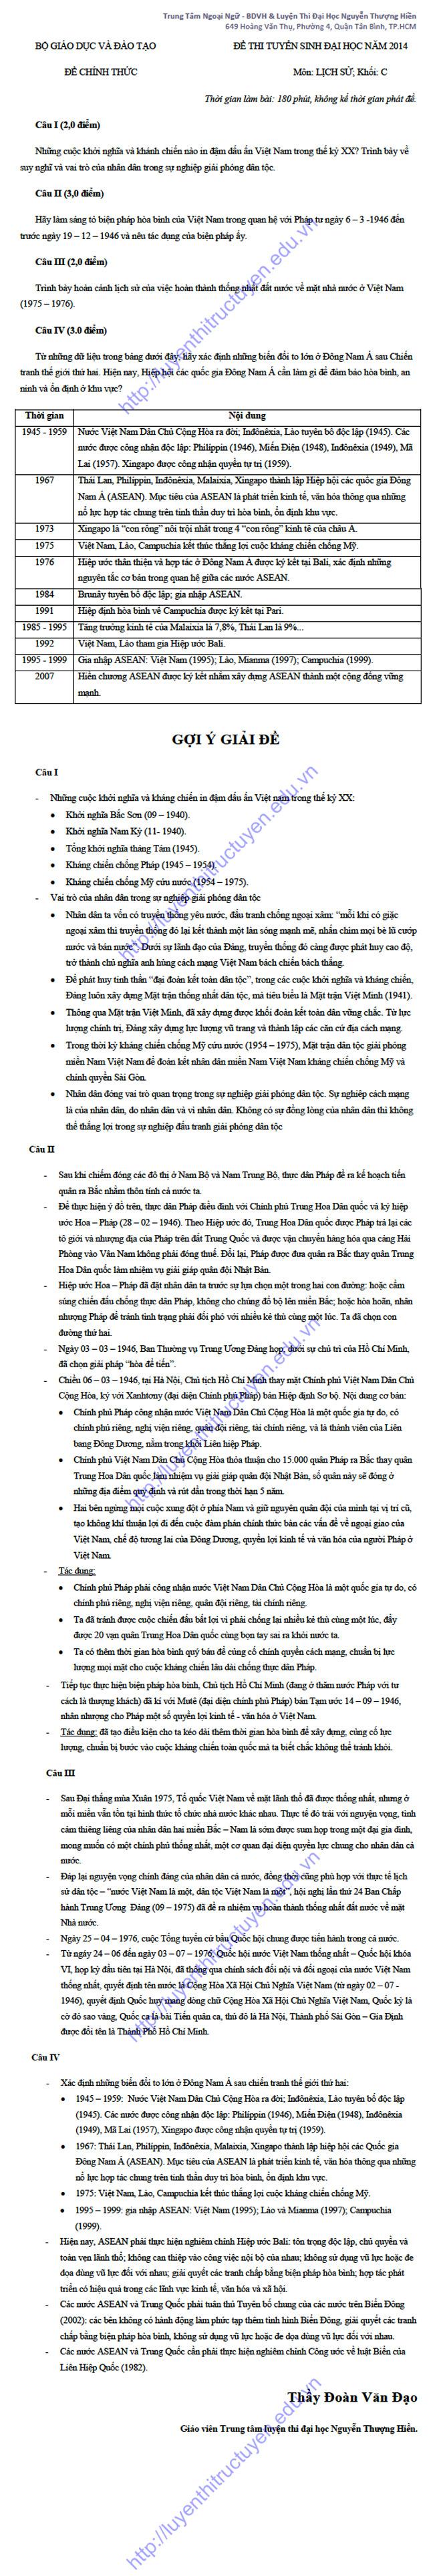 Đáp án đề thi đại học môn Sử khối C 2014